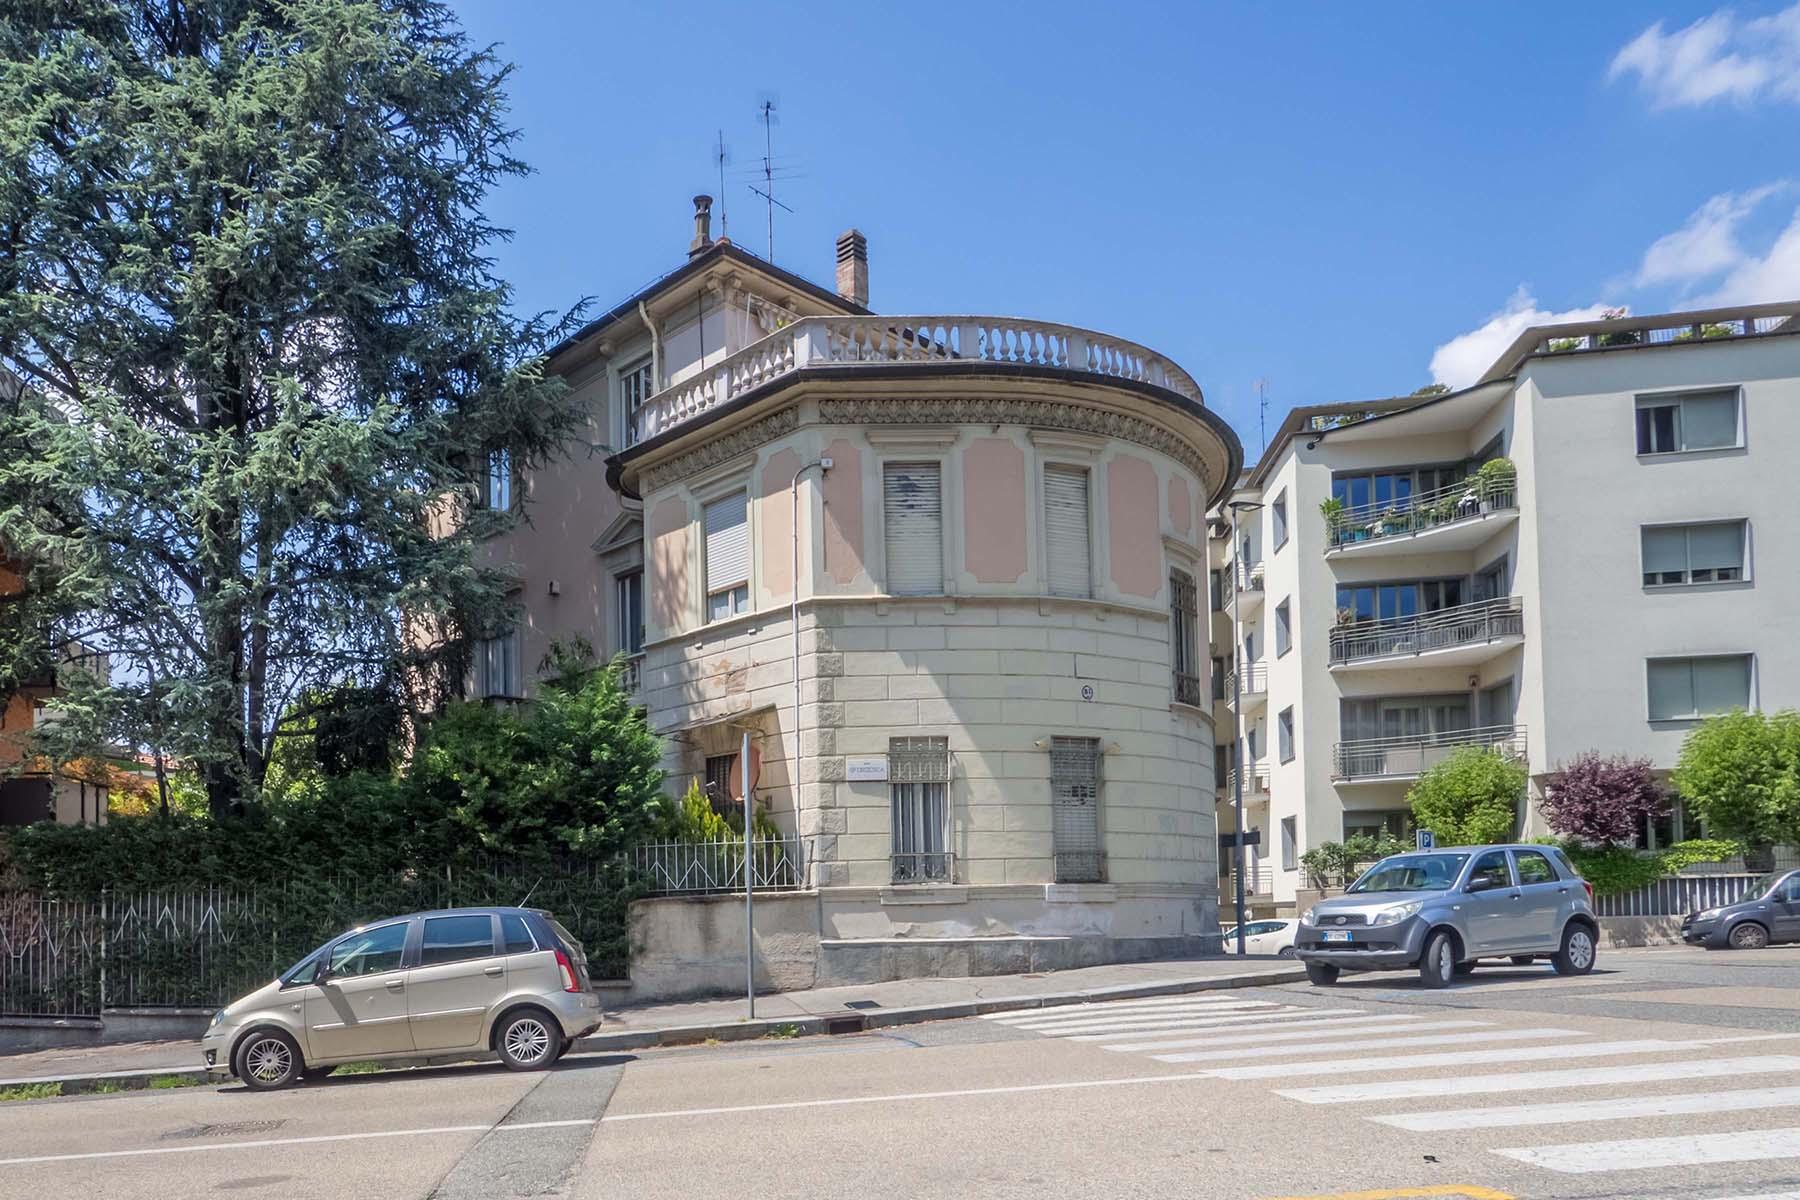 Attico in Vendita a Torino: 5 locali, 200 mq - Foto 20